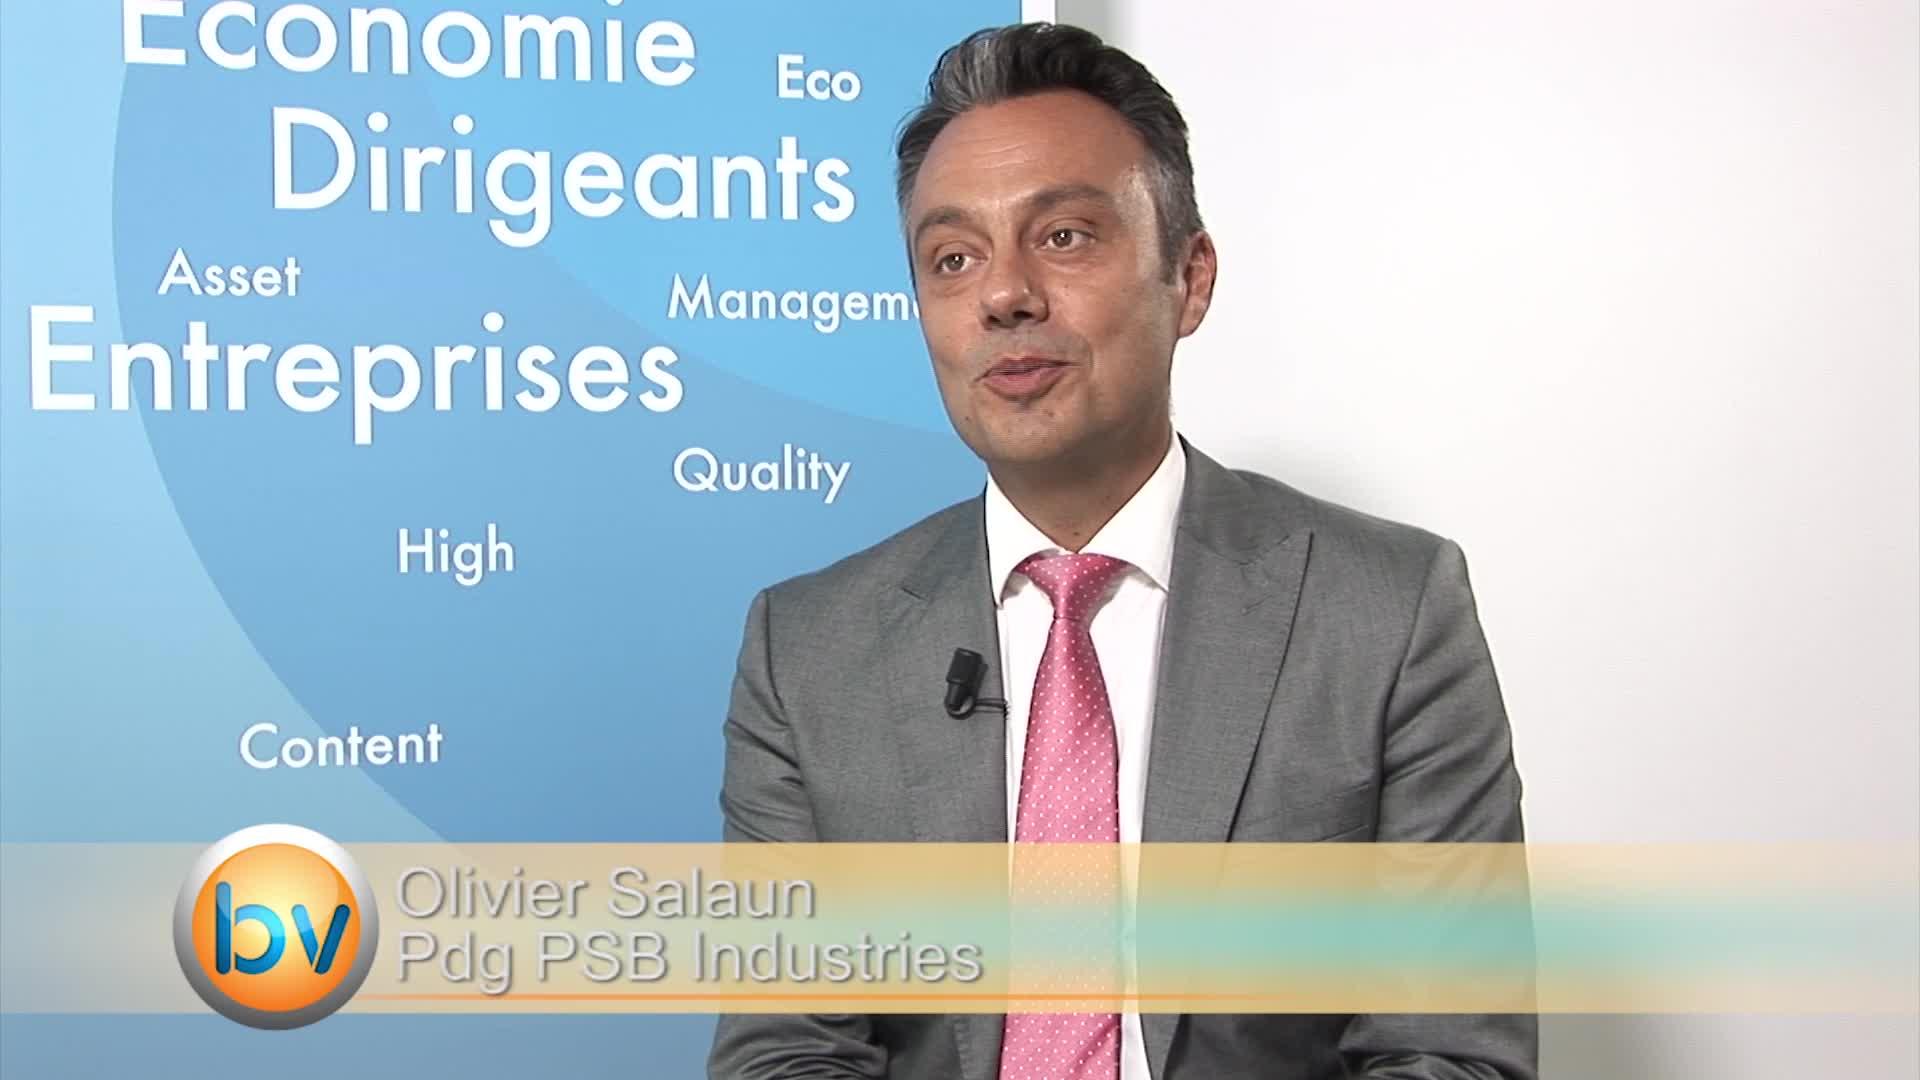 """Olivier Salaun Pdg PSB Industries : """"Notre volonté est bien d'optimiser le mix de croissance organique et externe"""""""